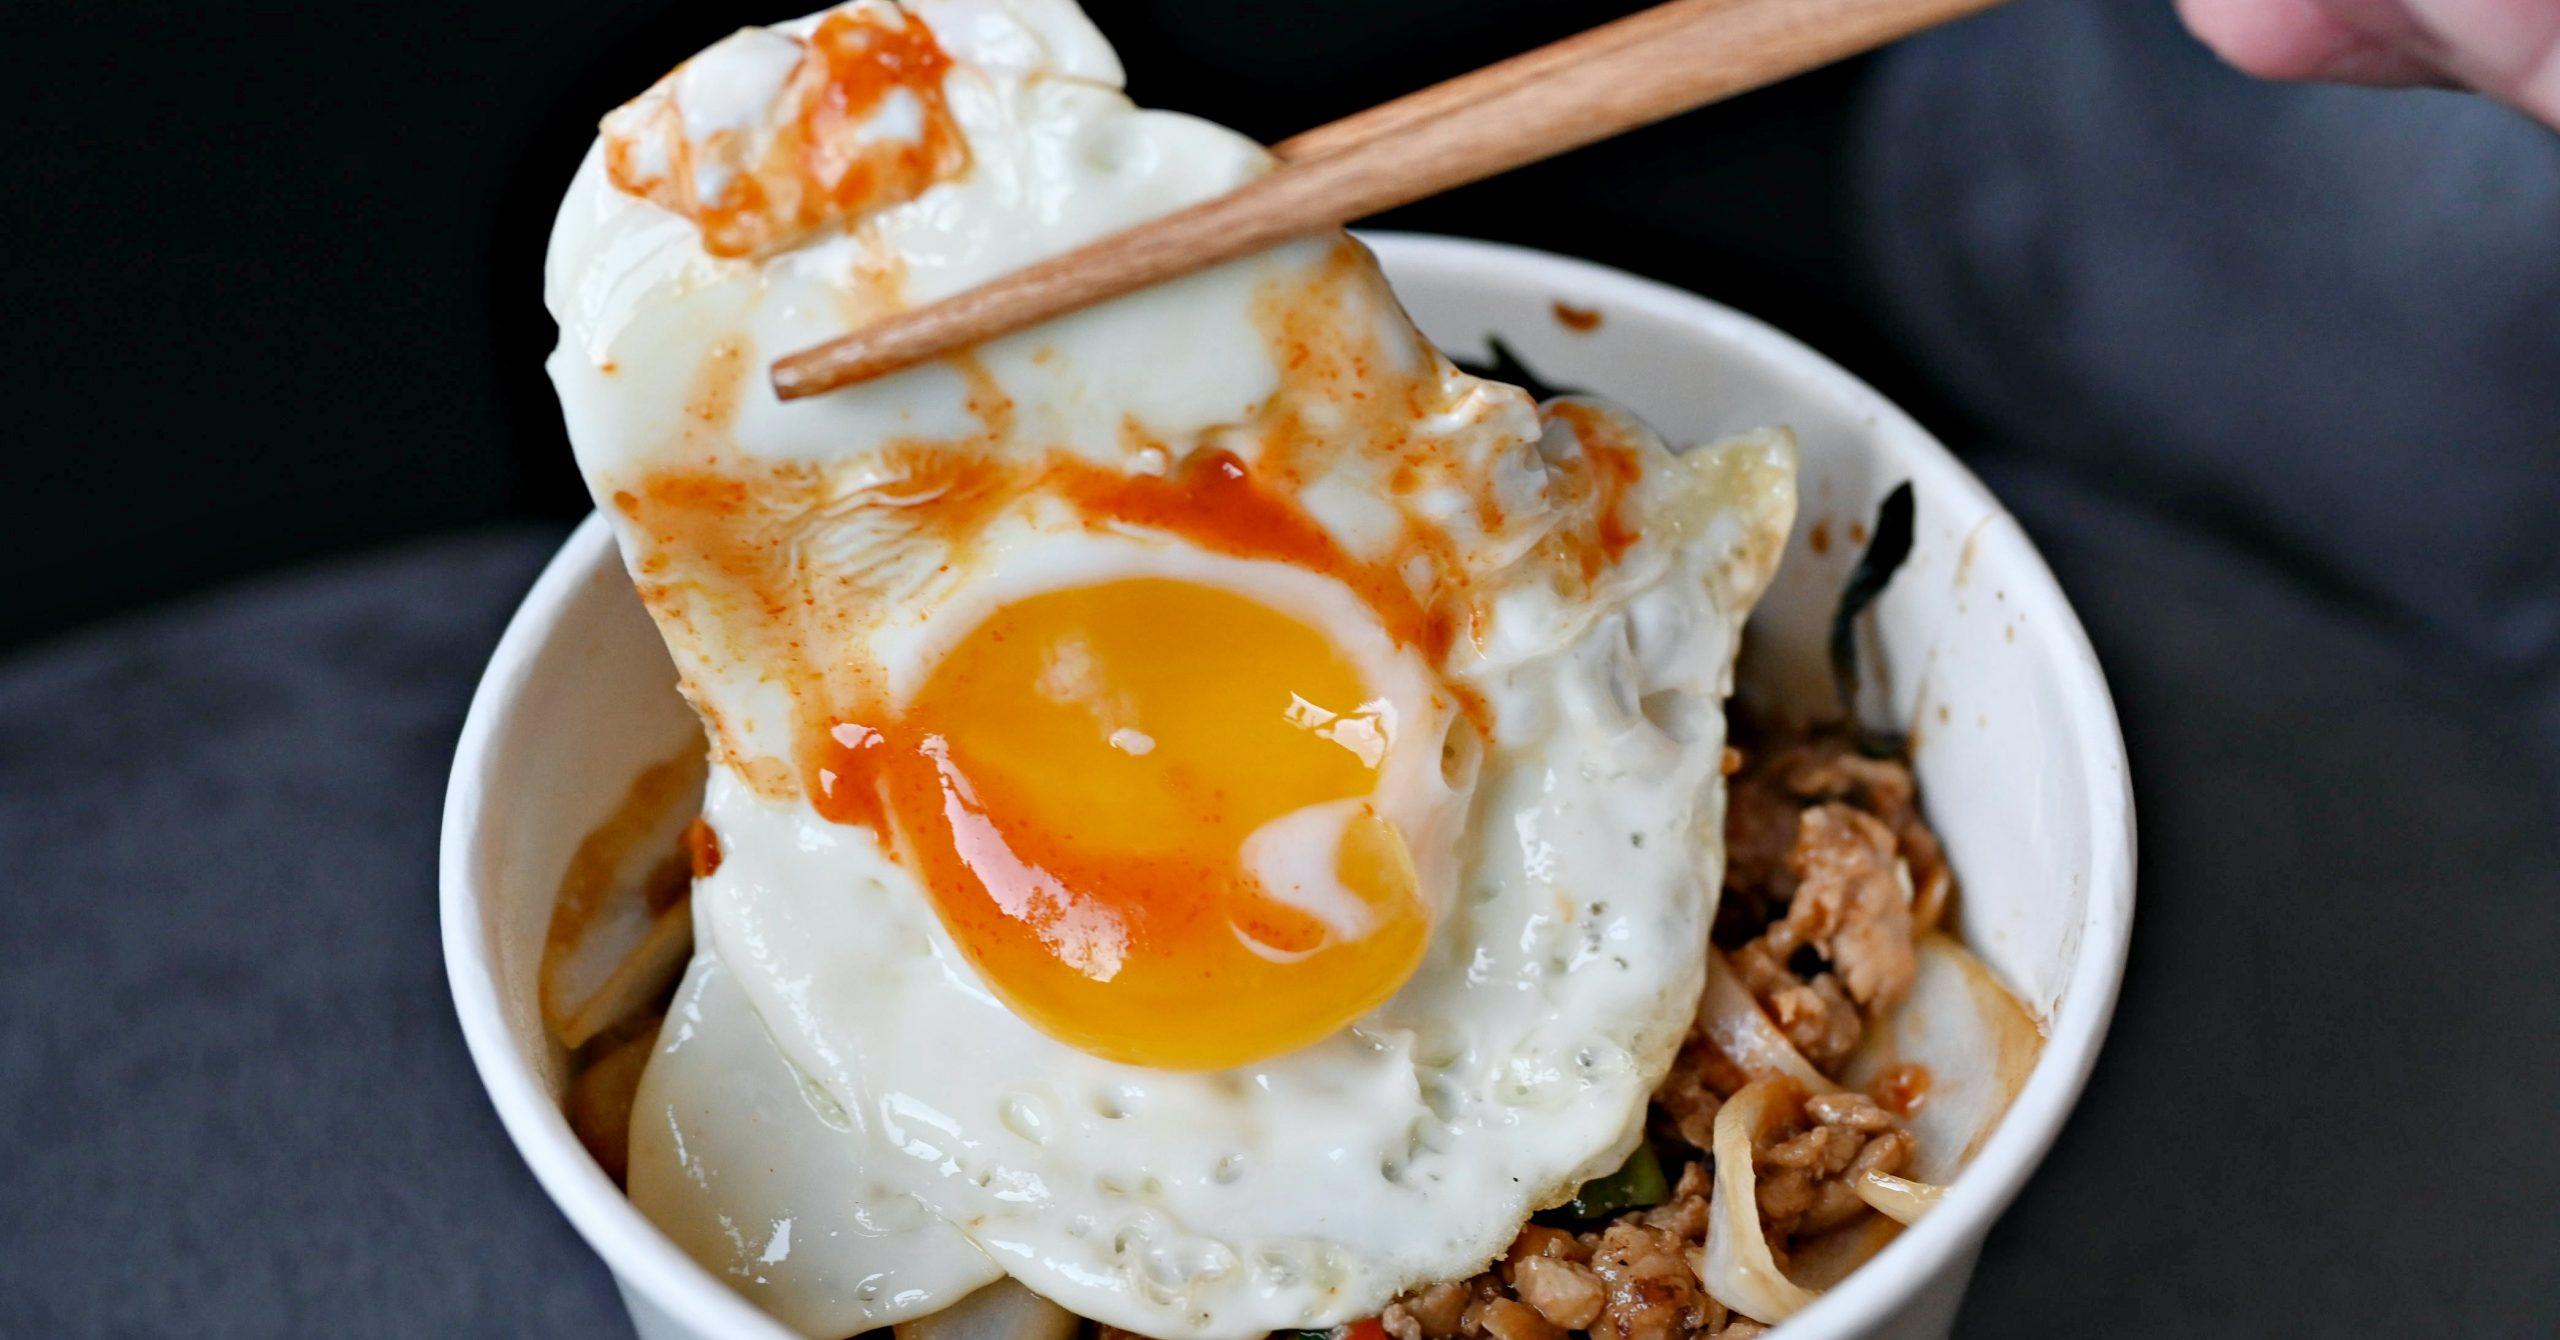 即時熱門文章:【天母美食】三攀泰天母店,一人也能享用泰式料理 (菜單)